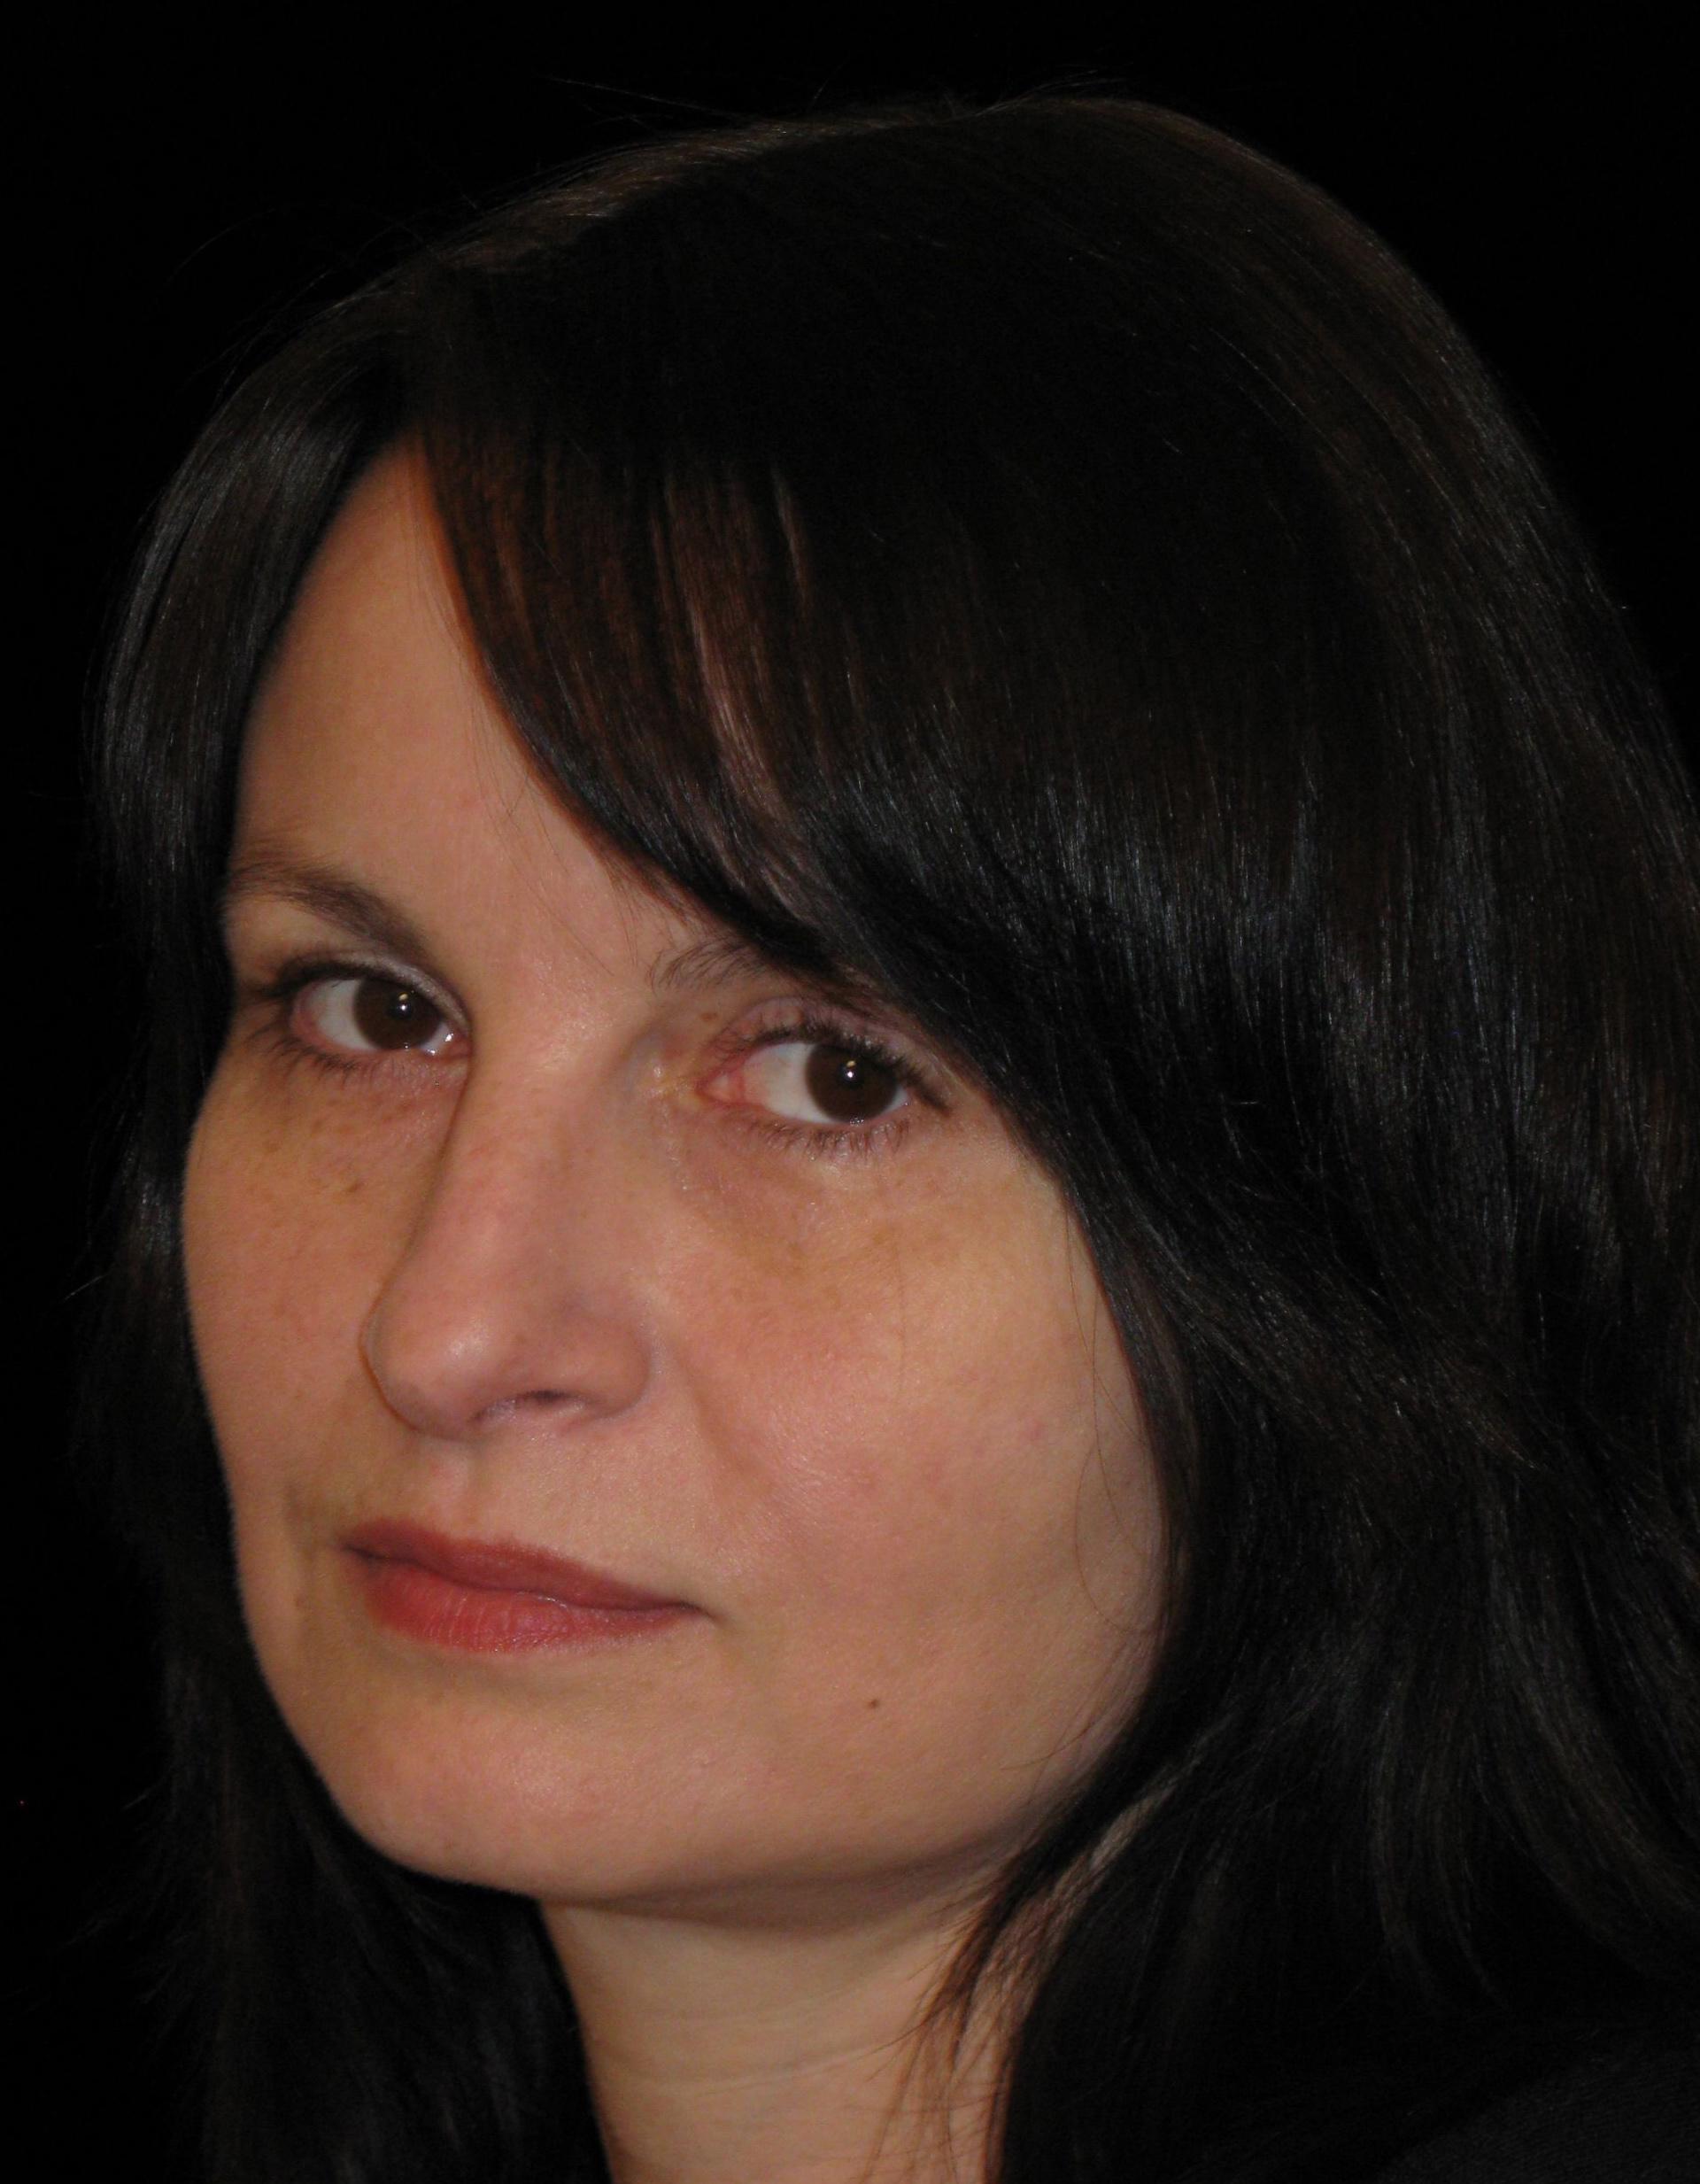 Bára Kopecká